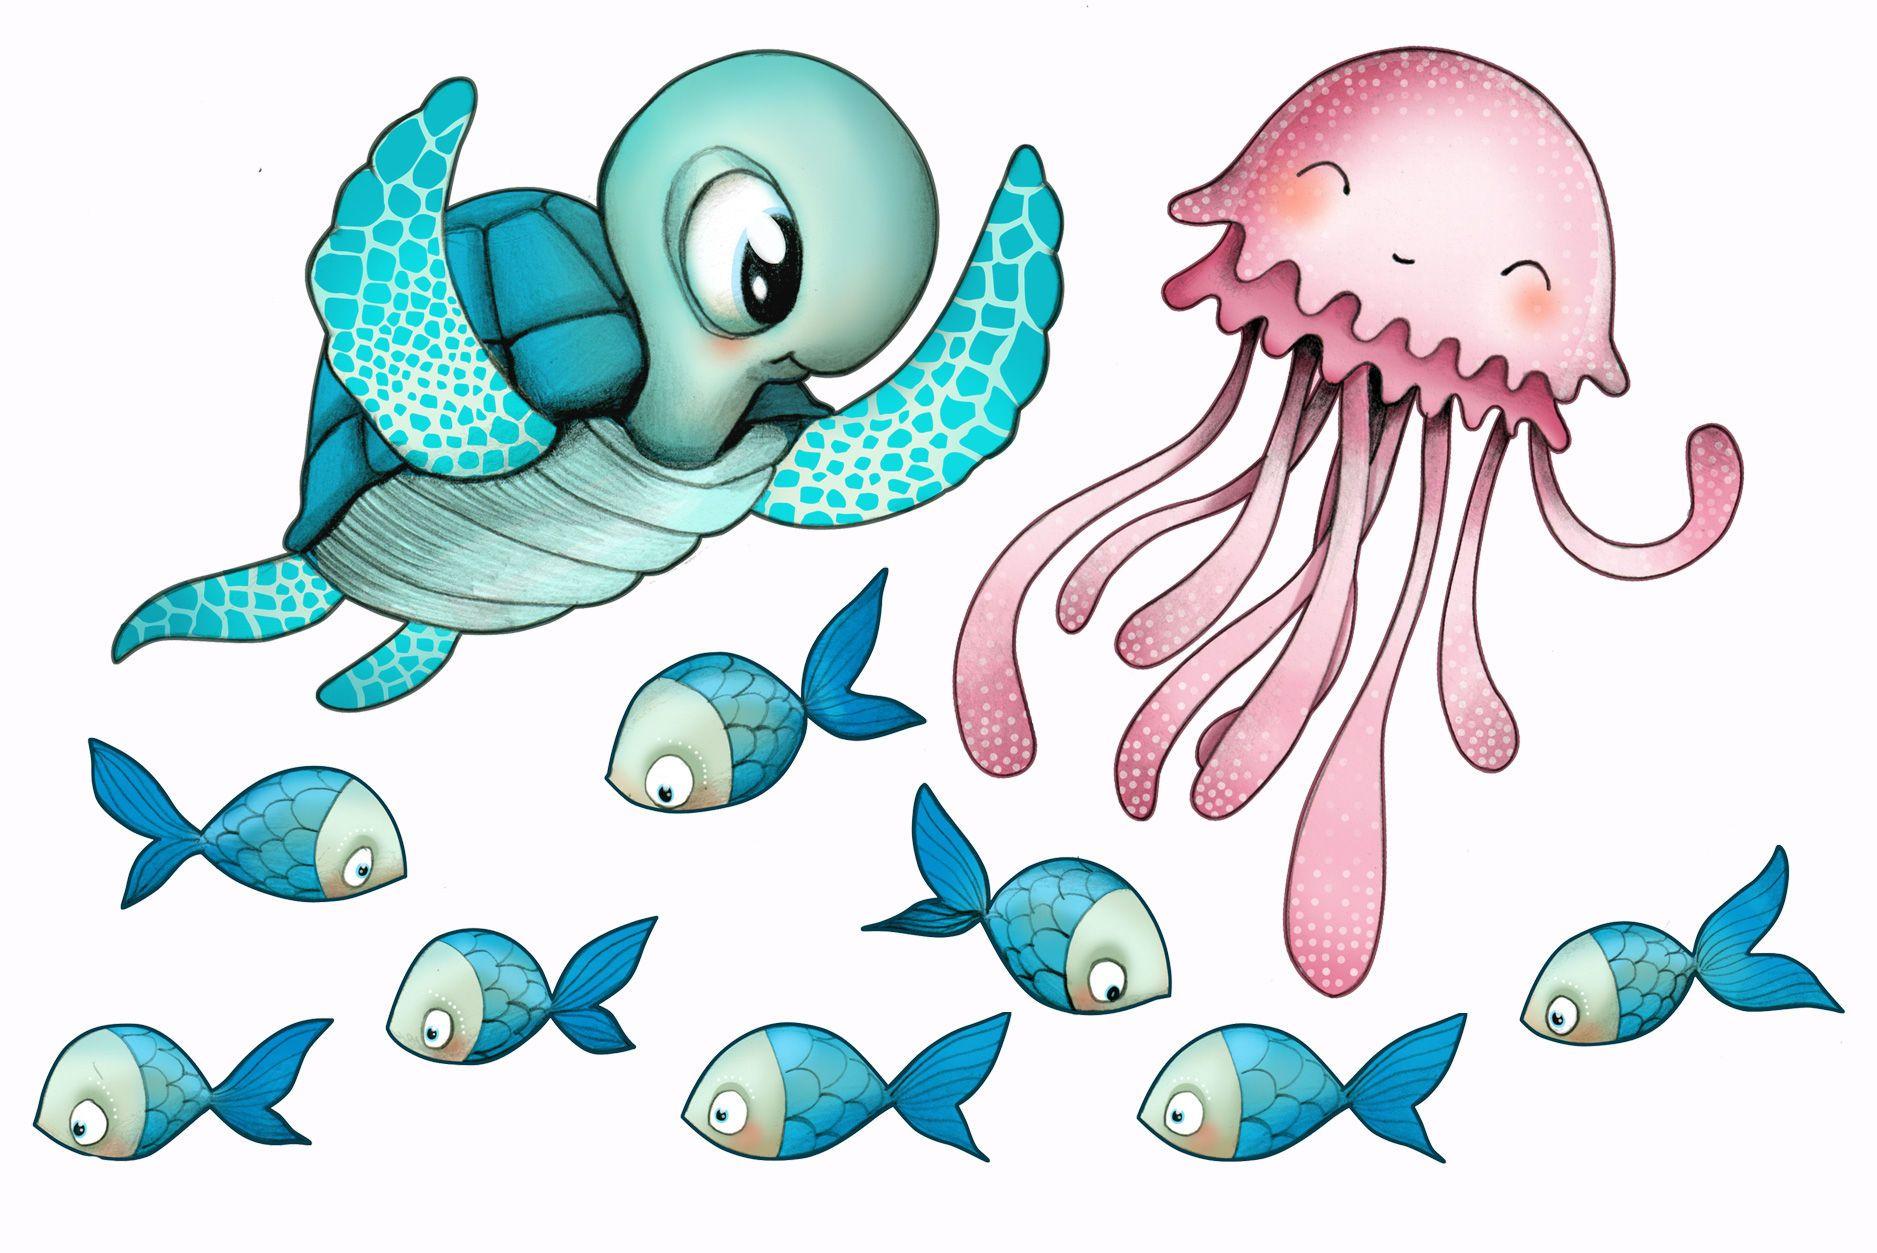 Sticker mural en vinyle pour enfant mixte tortue m duse et poissons by emmanuelle colin - Dessin enfant poisson ...